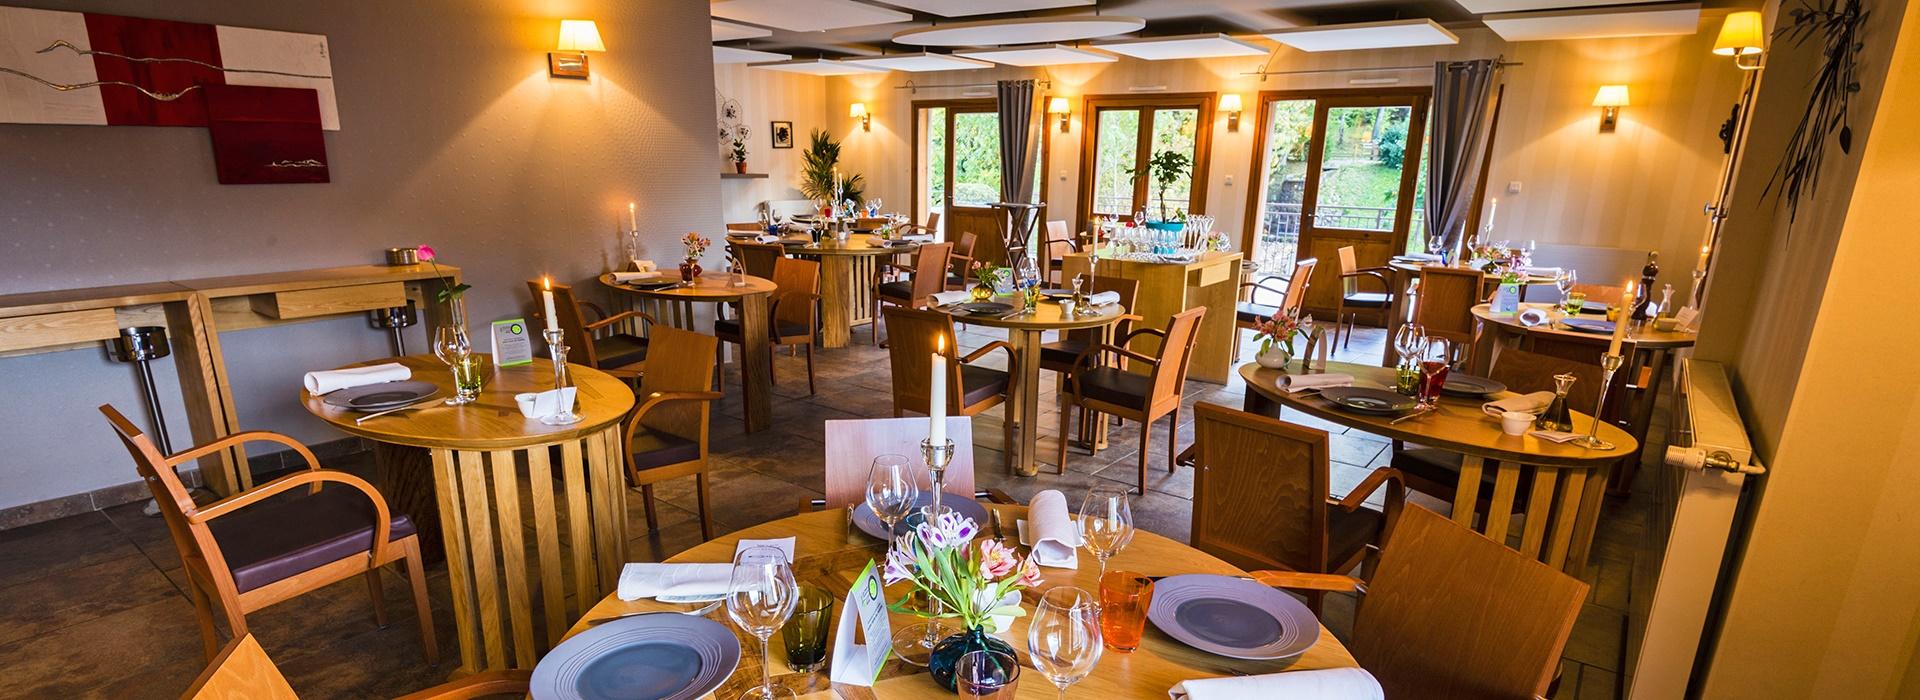 Salle à manger au restaurant le Chalet à Ax les Thermes en Ariège Pyrénées